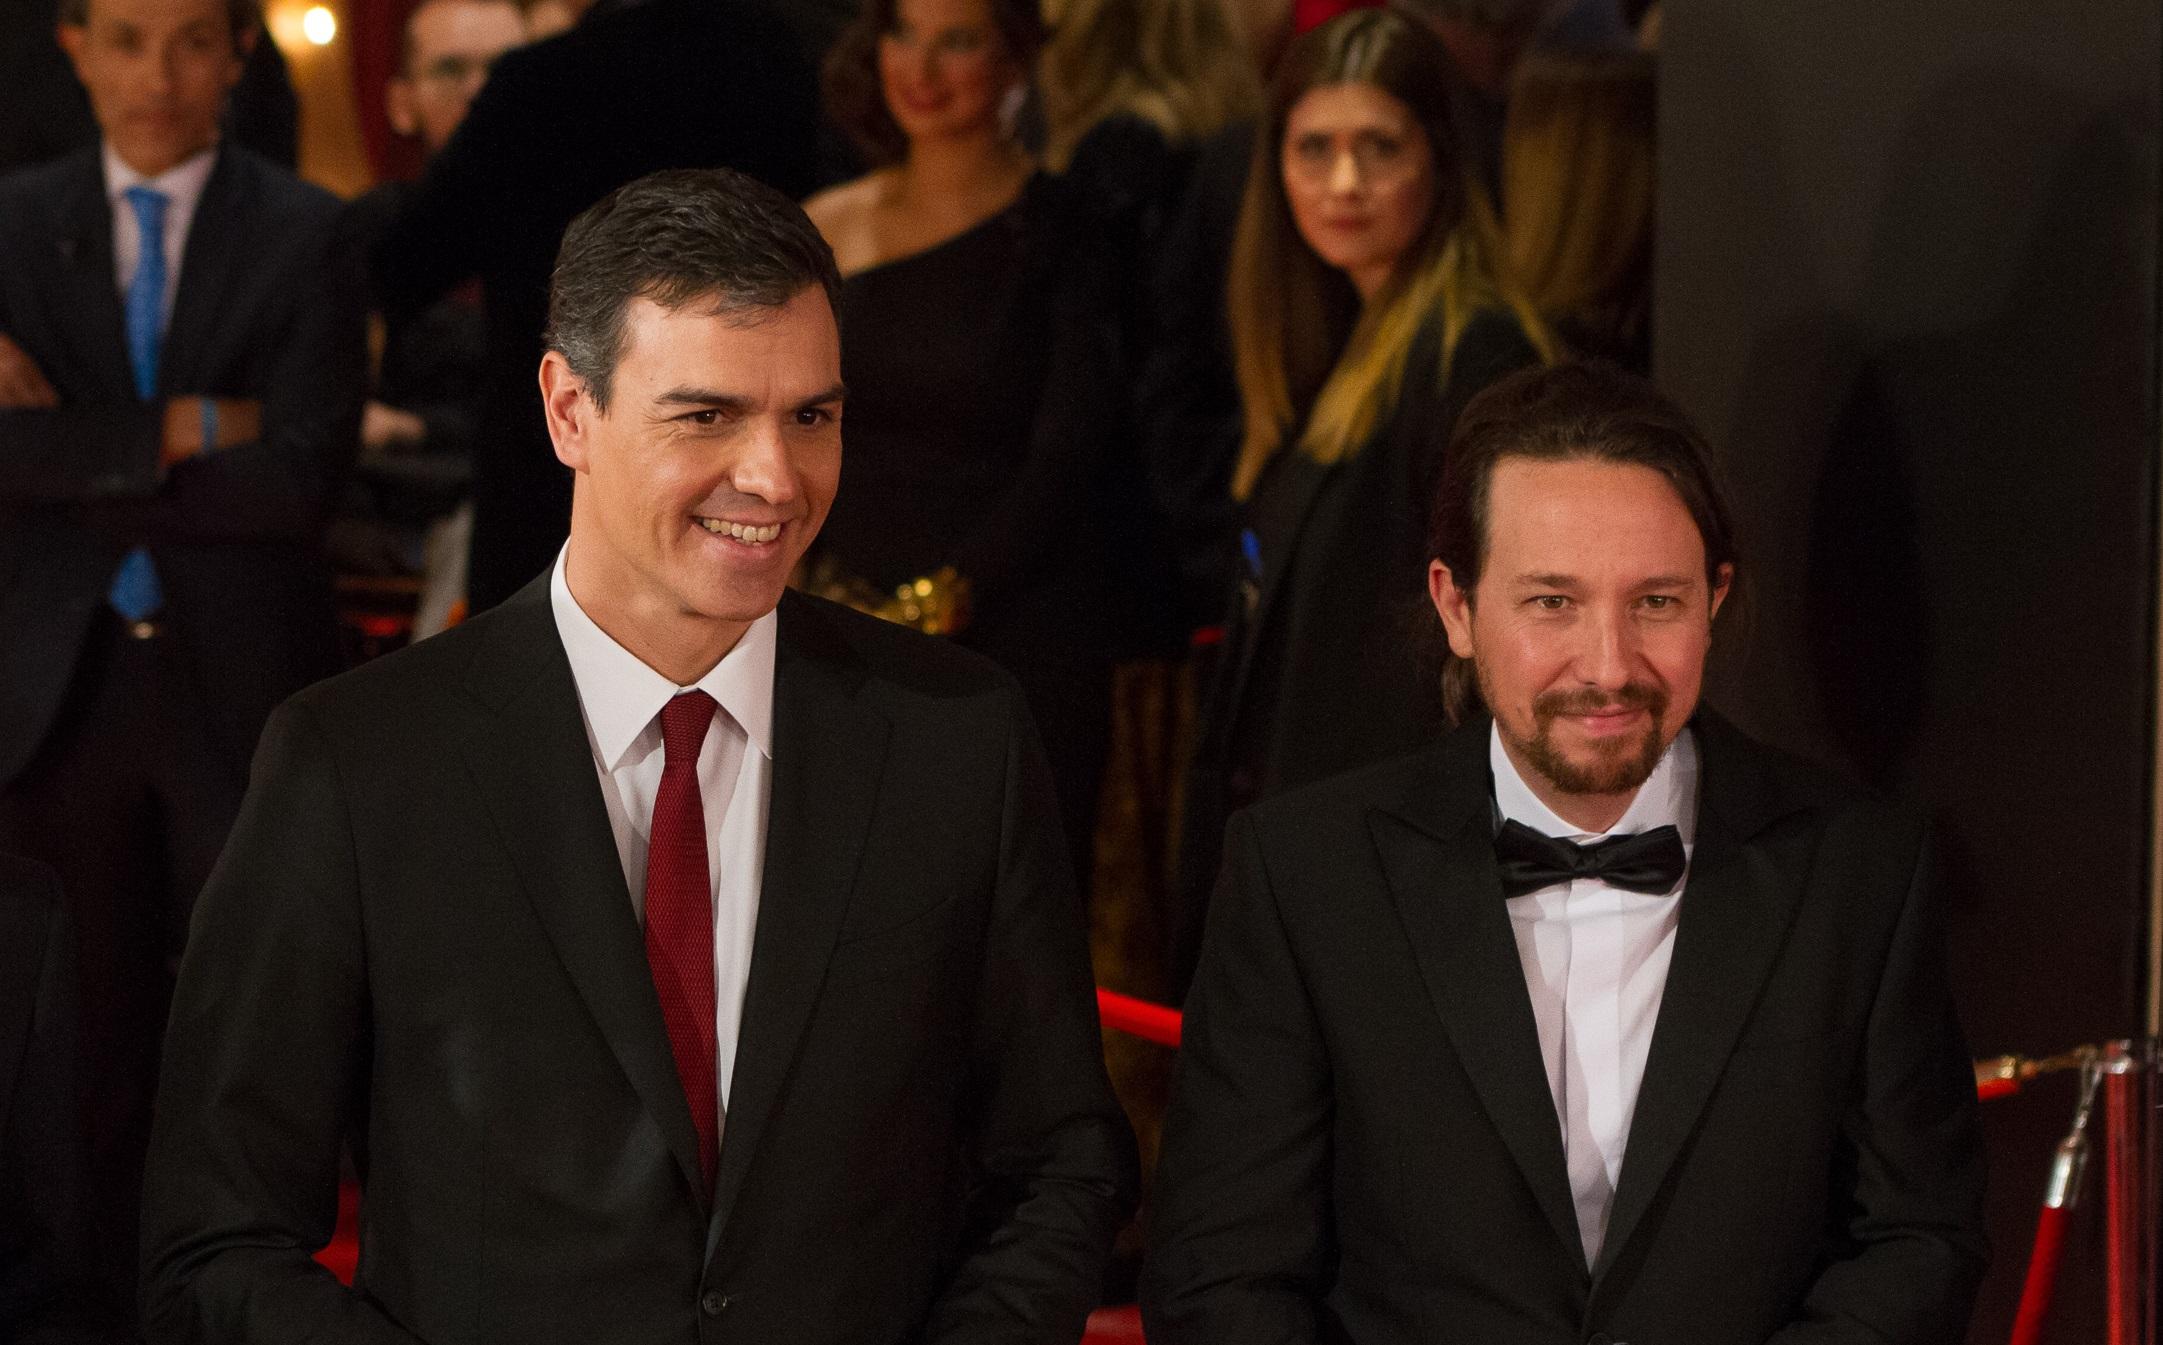 España no cambiará la ruta con Maduro, pero ¿con Guaidó? / Foto: WC